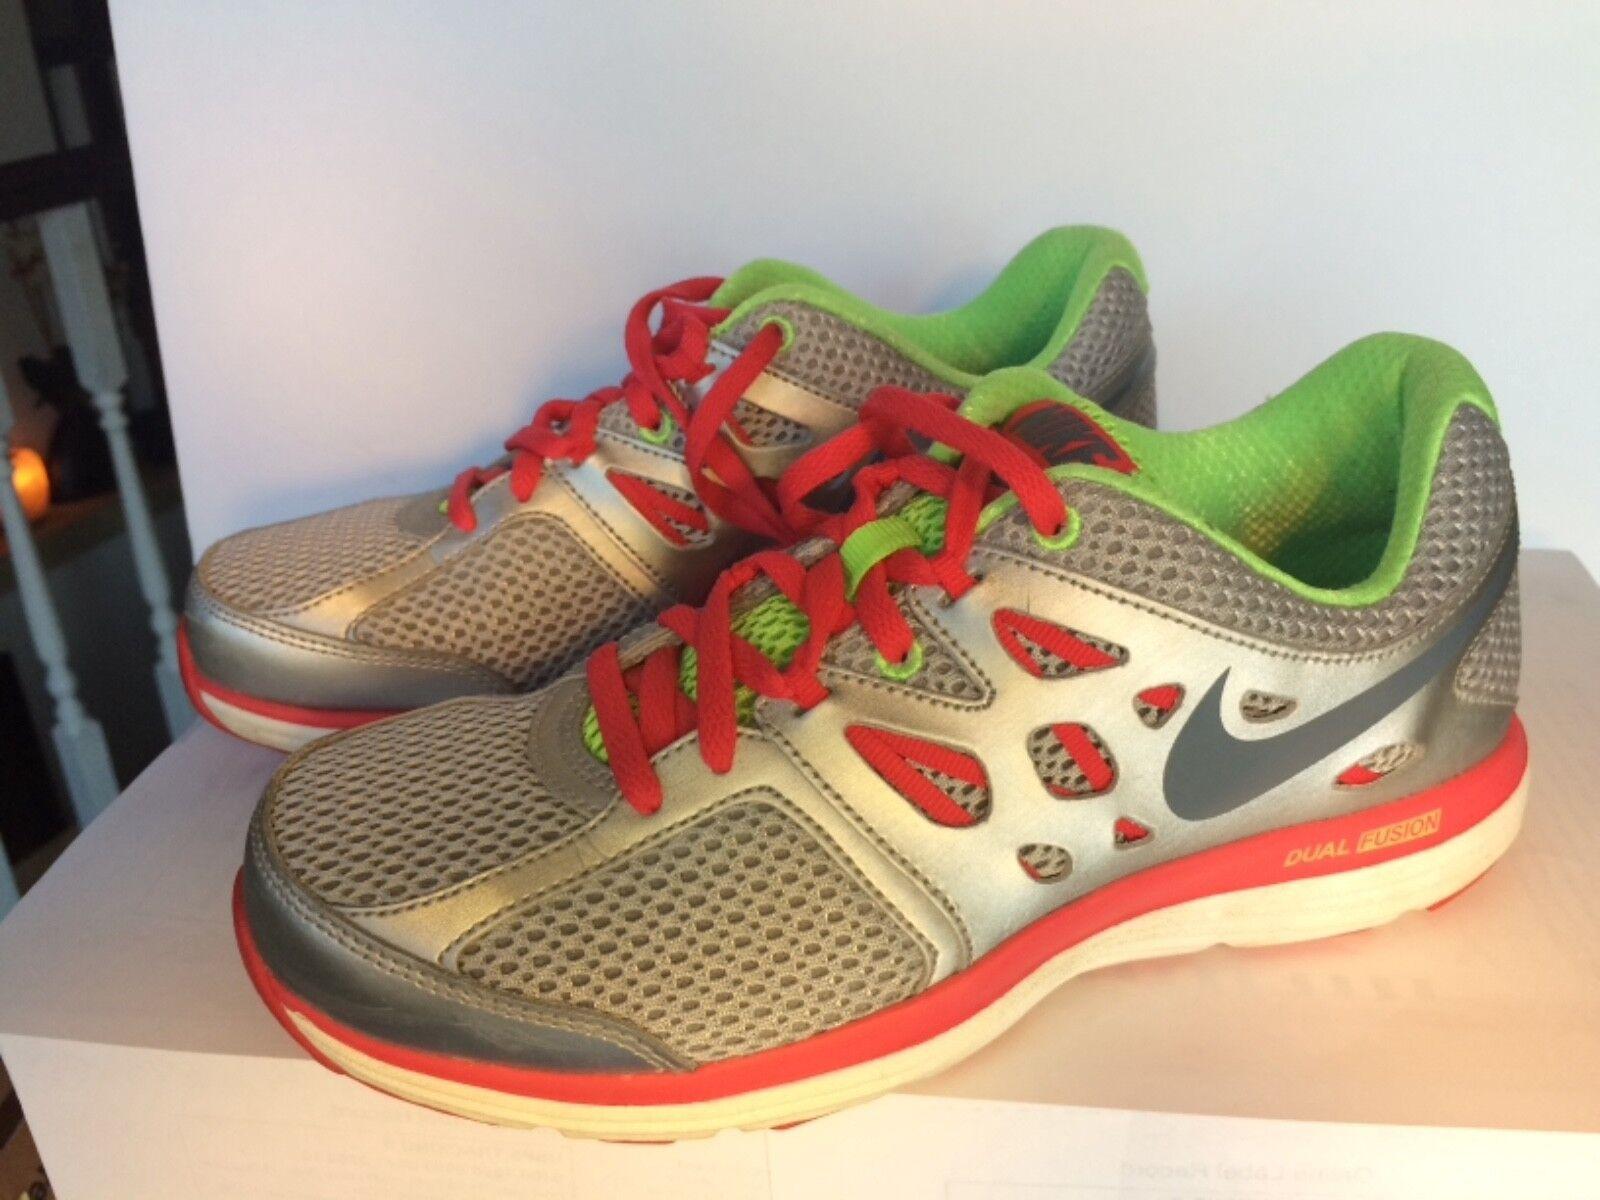 nike doppia fusione lite le scarpe scarpe scarpe da corsa sz 7 atletico scarpa d'argento della formazione | Prestazioni Affidabili  | Prezzo speciale  | Modalità moderna  | Sig/Sig Ra Scarpa  | Uomo/Donne Scarpa  | Sig/Sig Ra Scarpa  3294c0